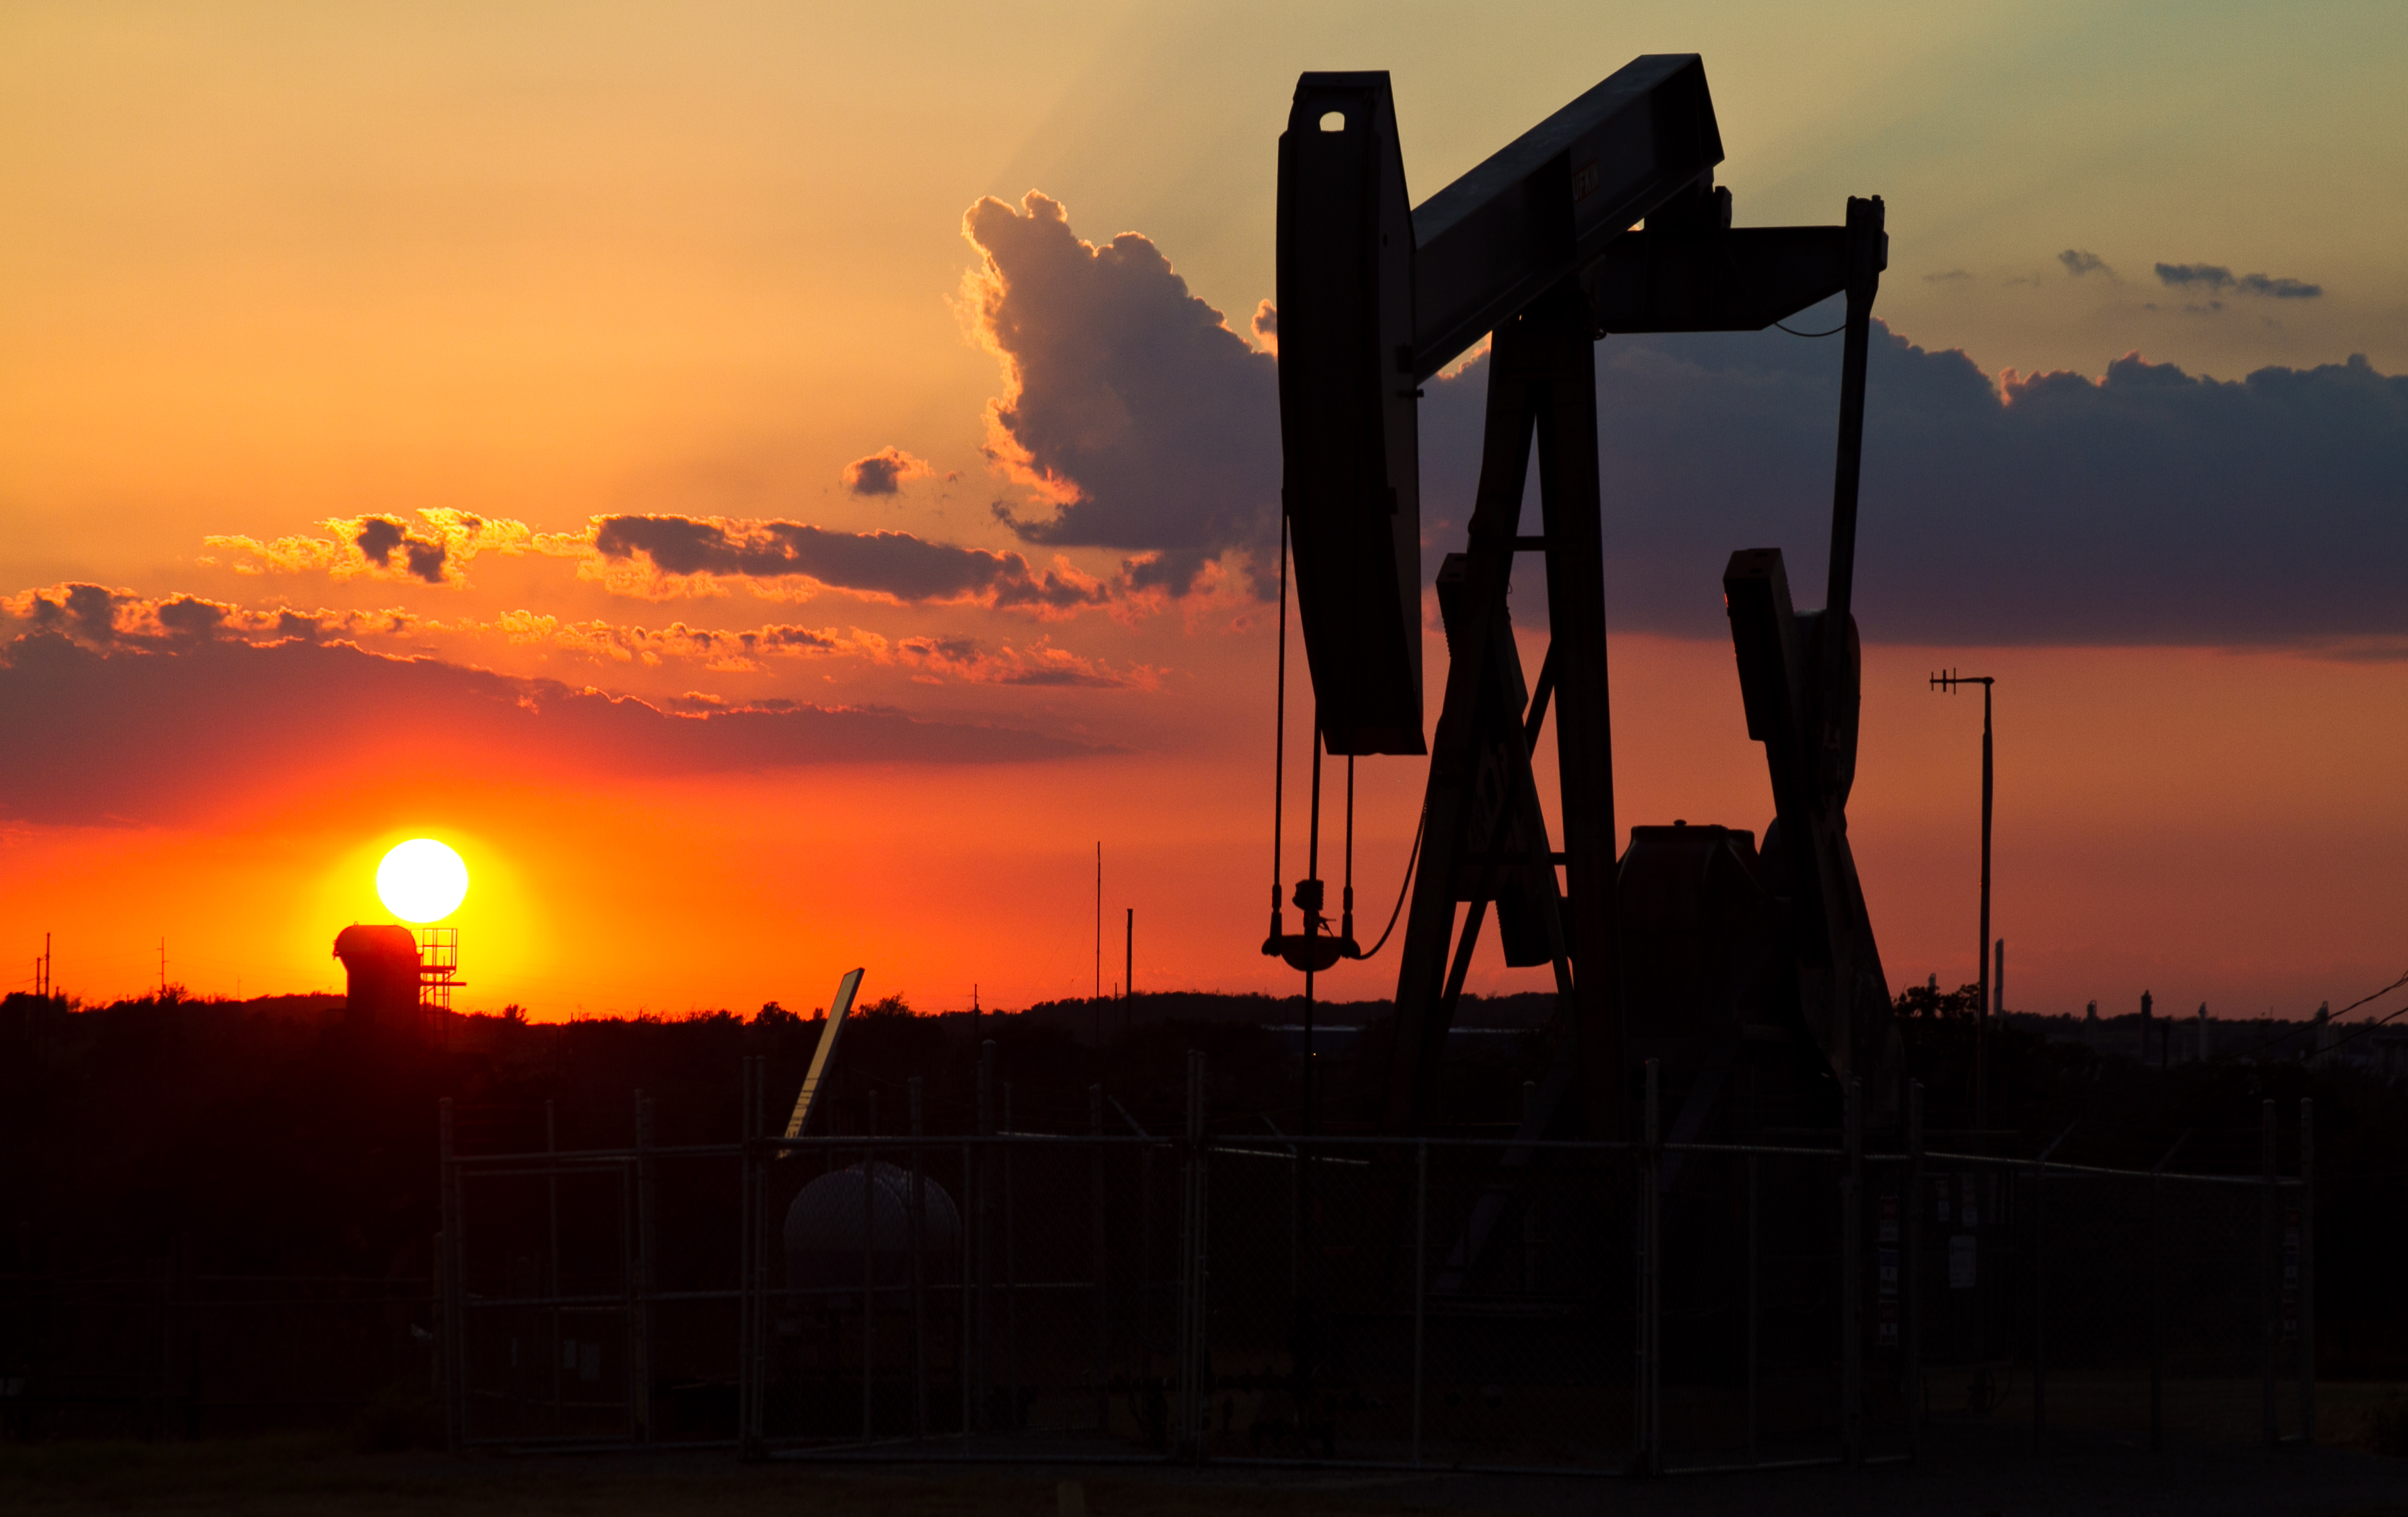 El precio del petróleo. La escasez amenaza volatilidad en 2019.